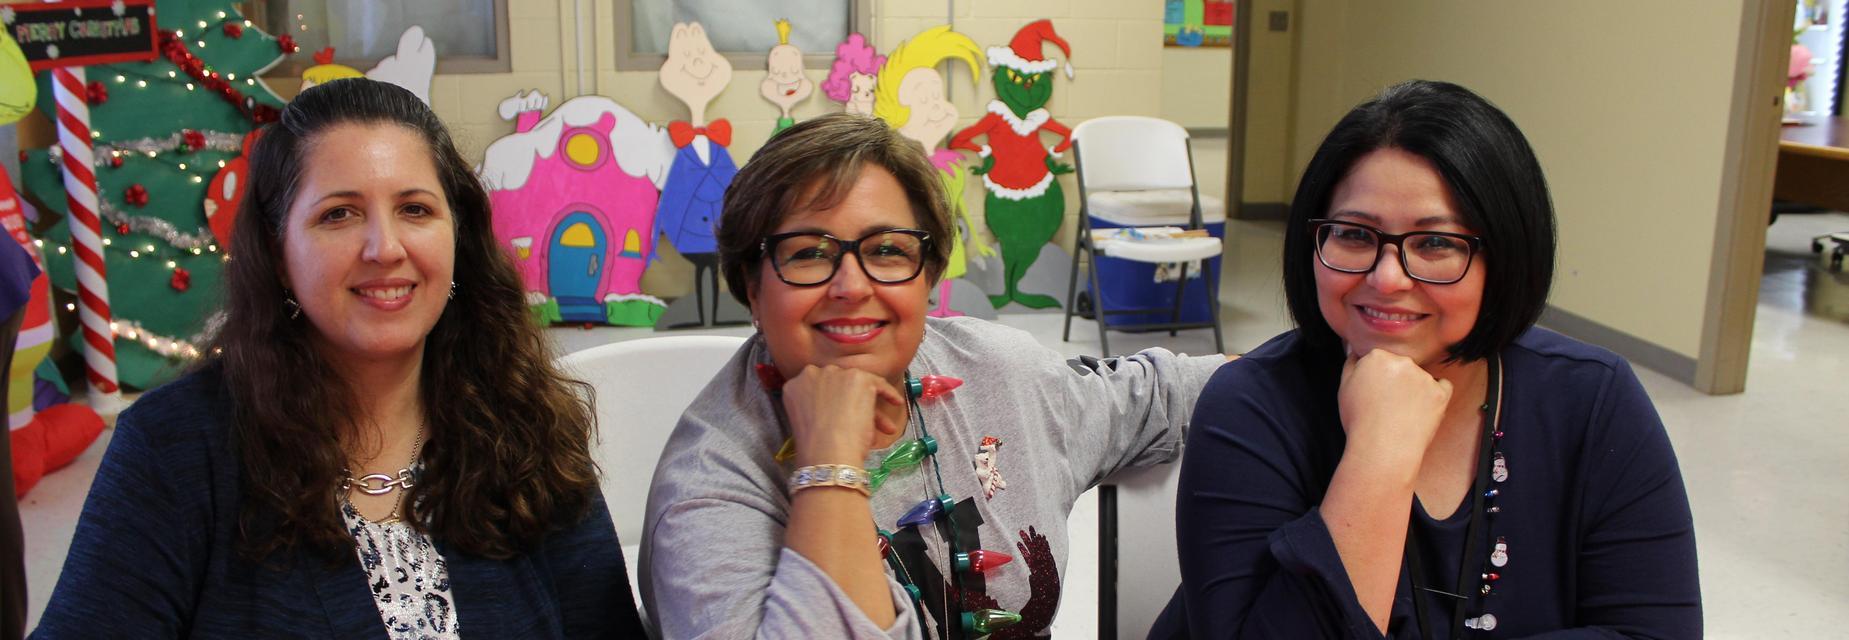 2nd grade teachers